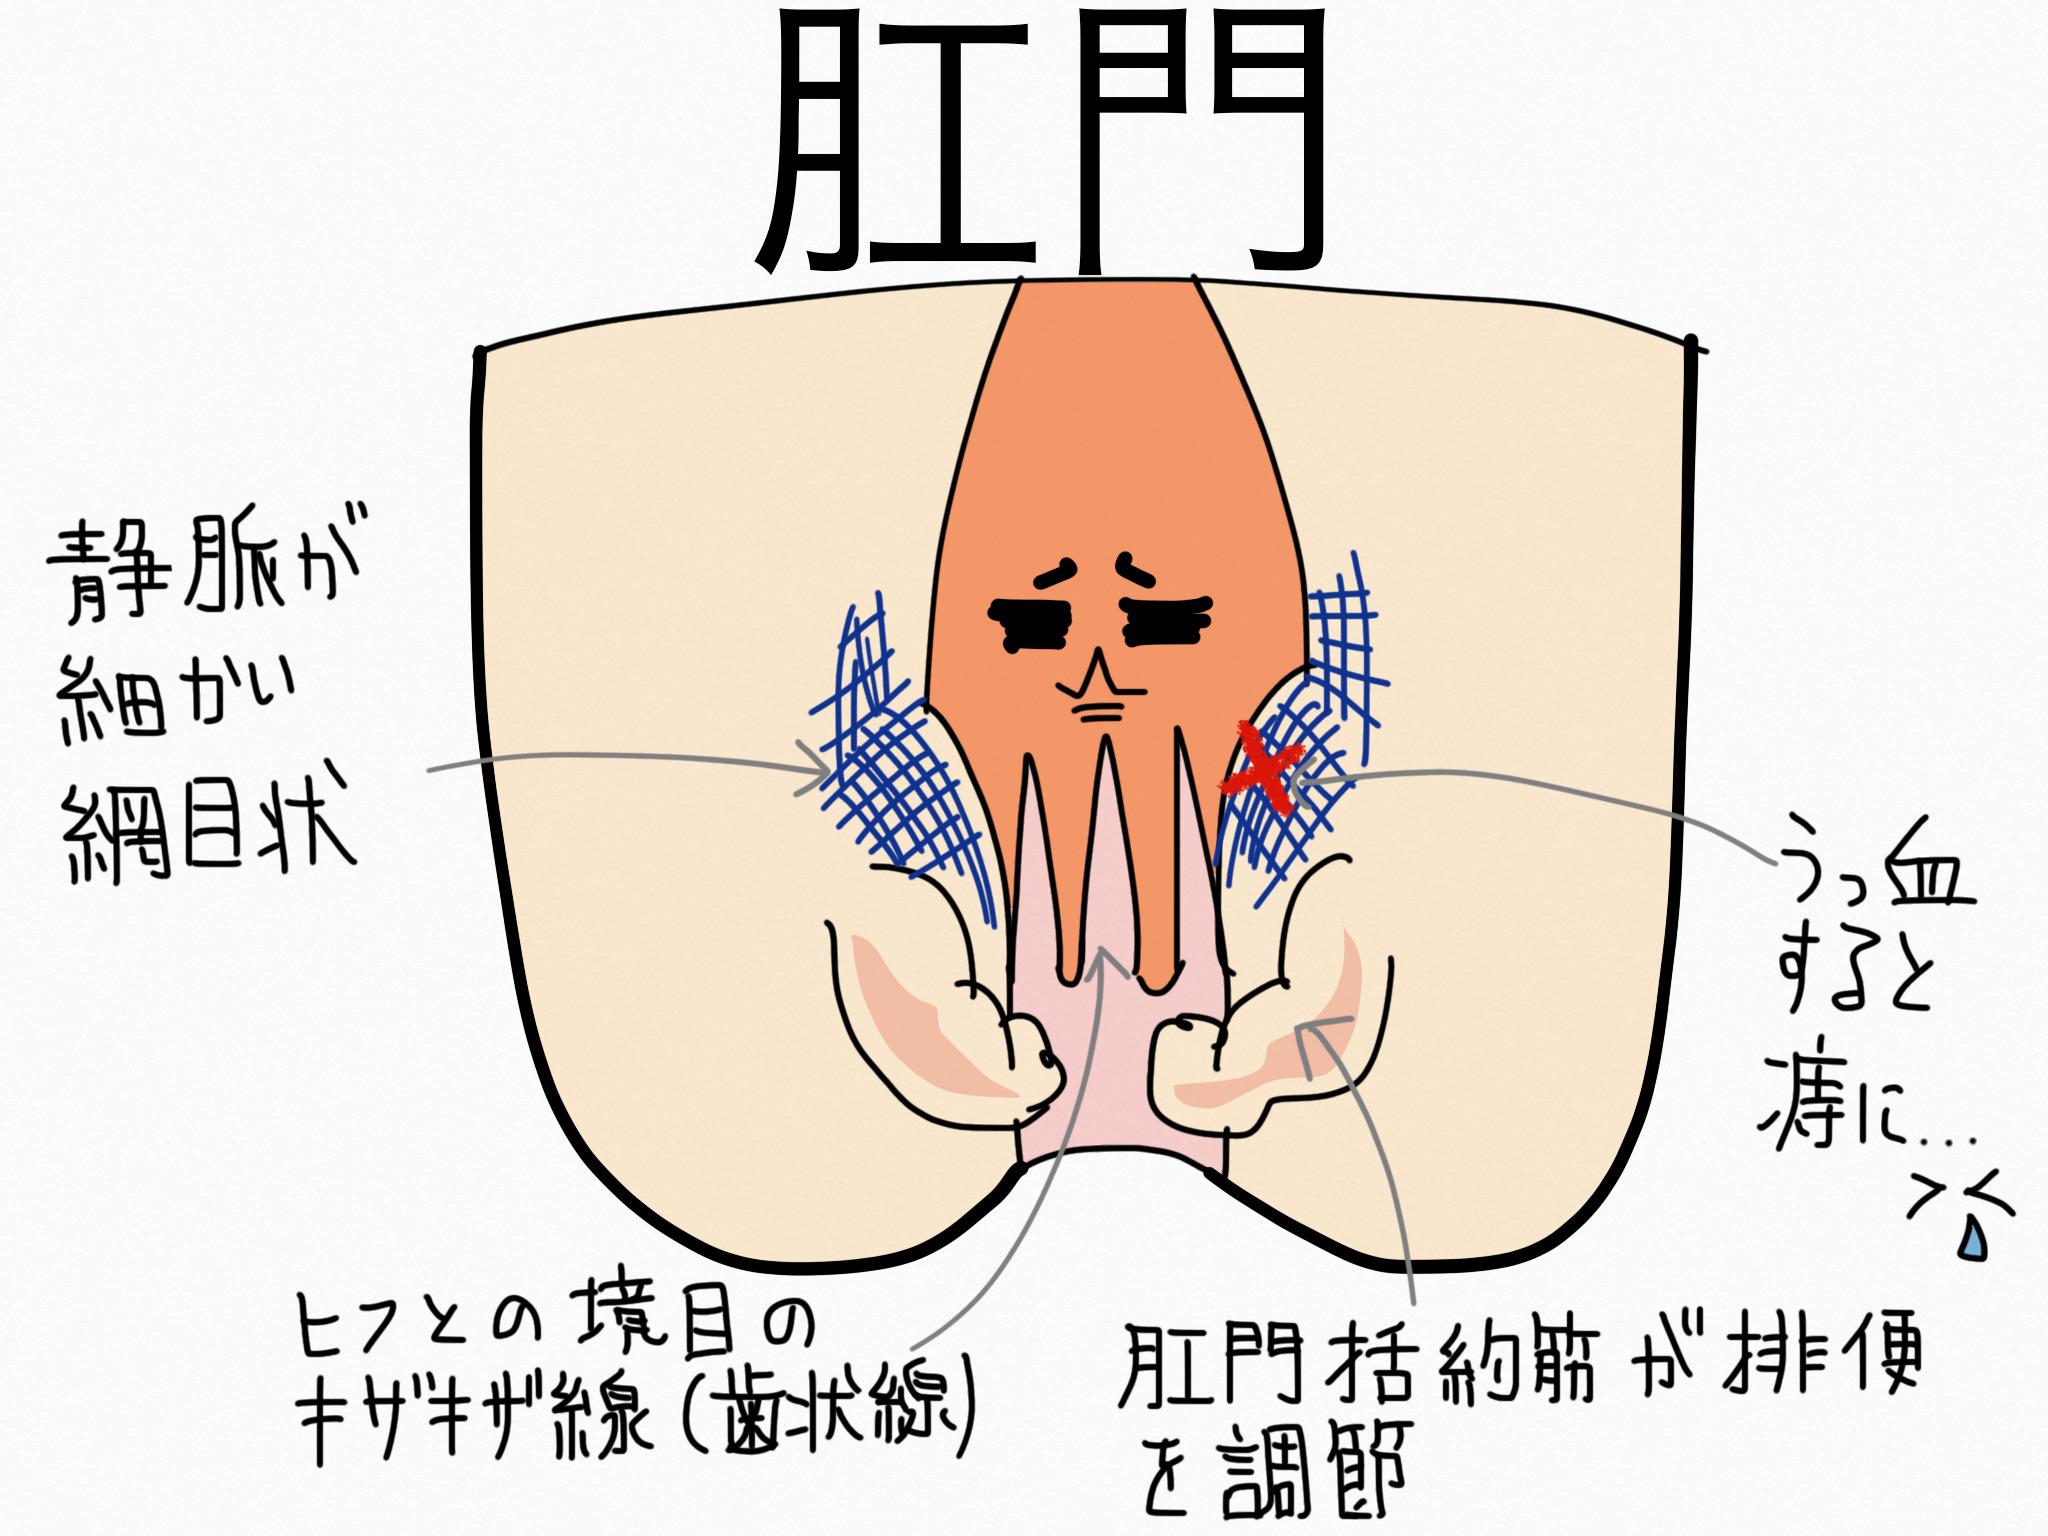 消化器系/肛門【第2章の覚え方】